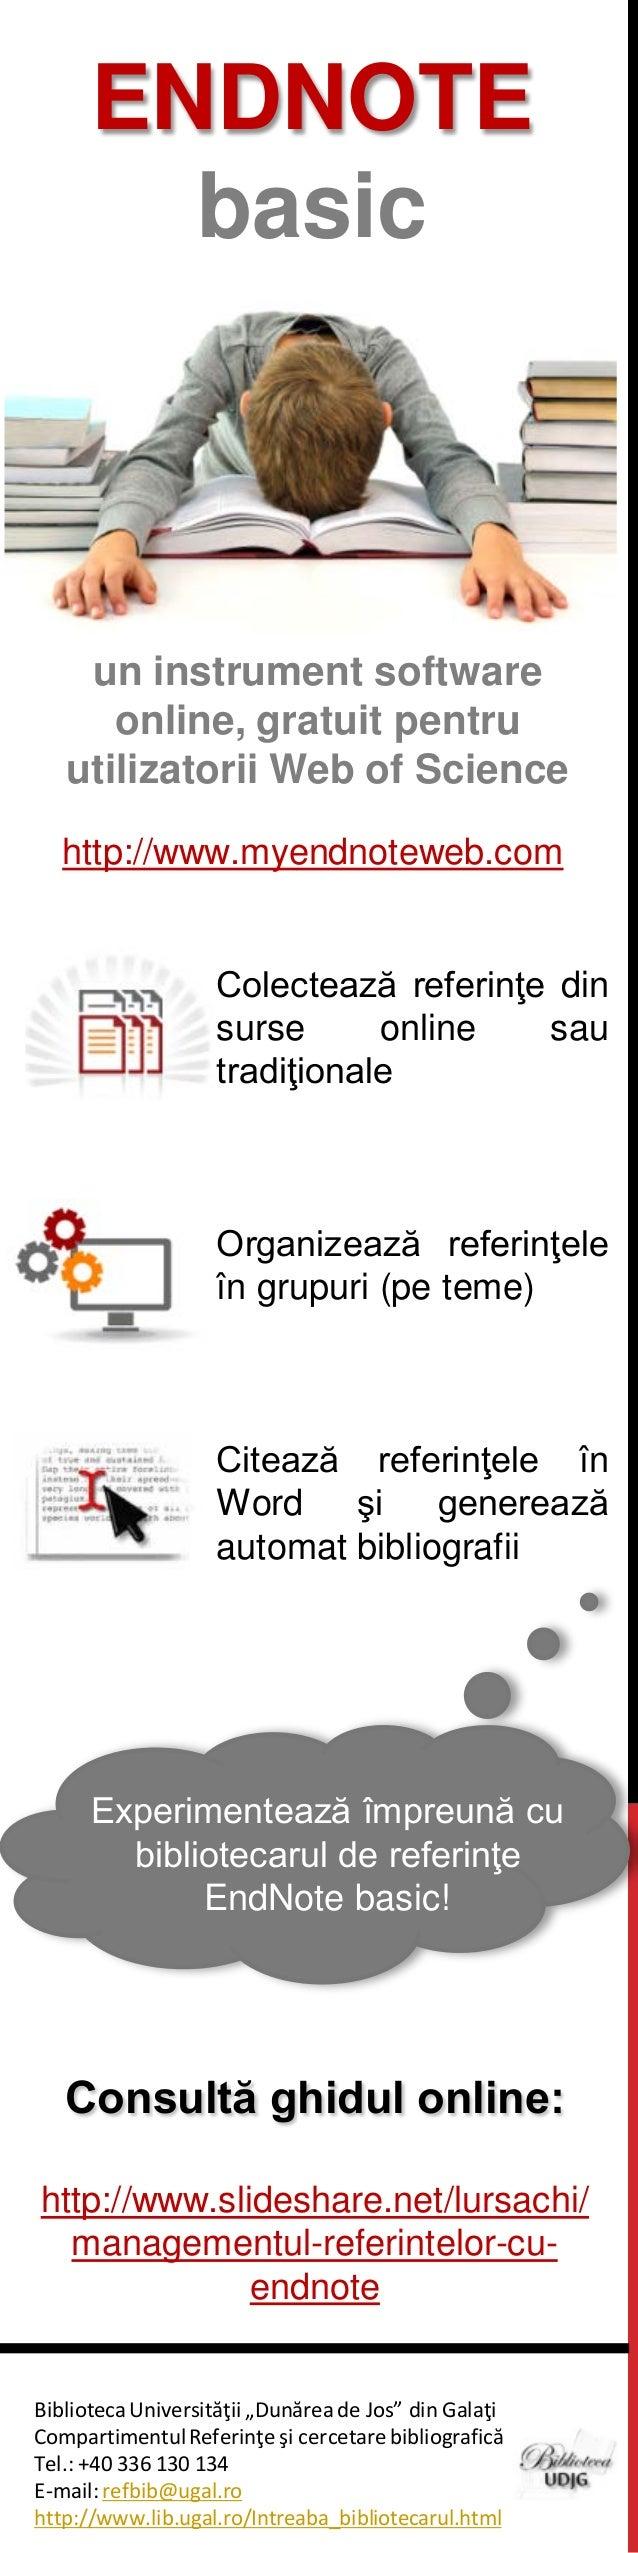 """BibliotecaUniversităţii """"Dunărea de Jos"""" din Galaţi CompartimentulReferinţe şi cercetarebibliografică Tel.: +40 336 130 13..."""